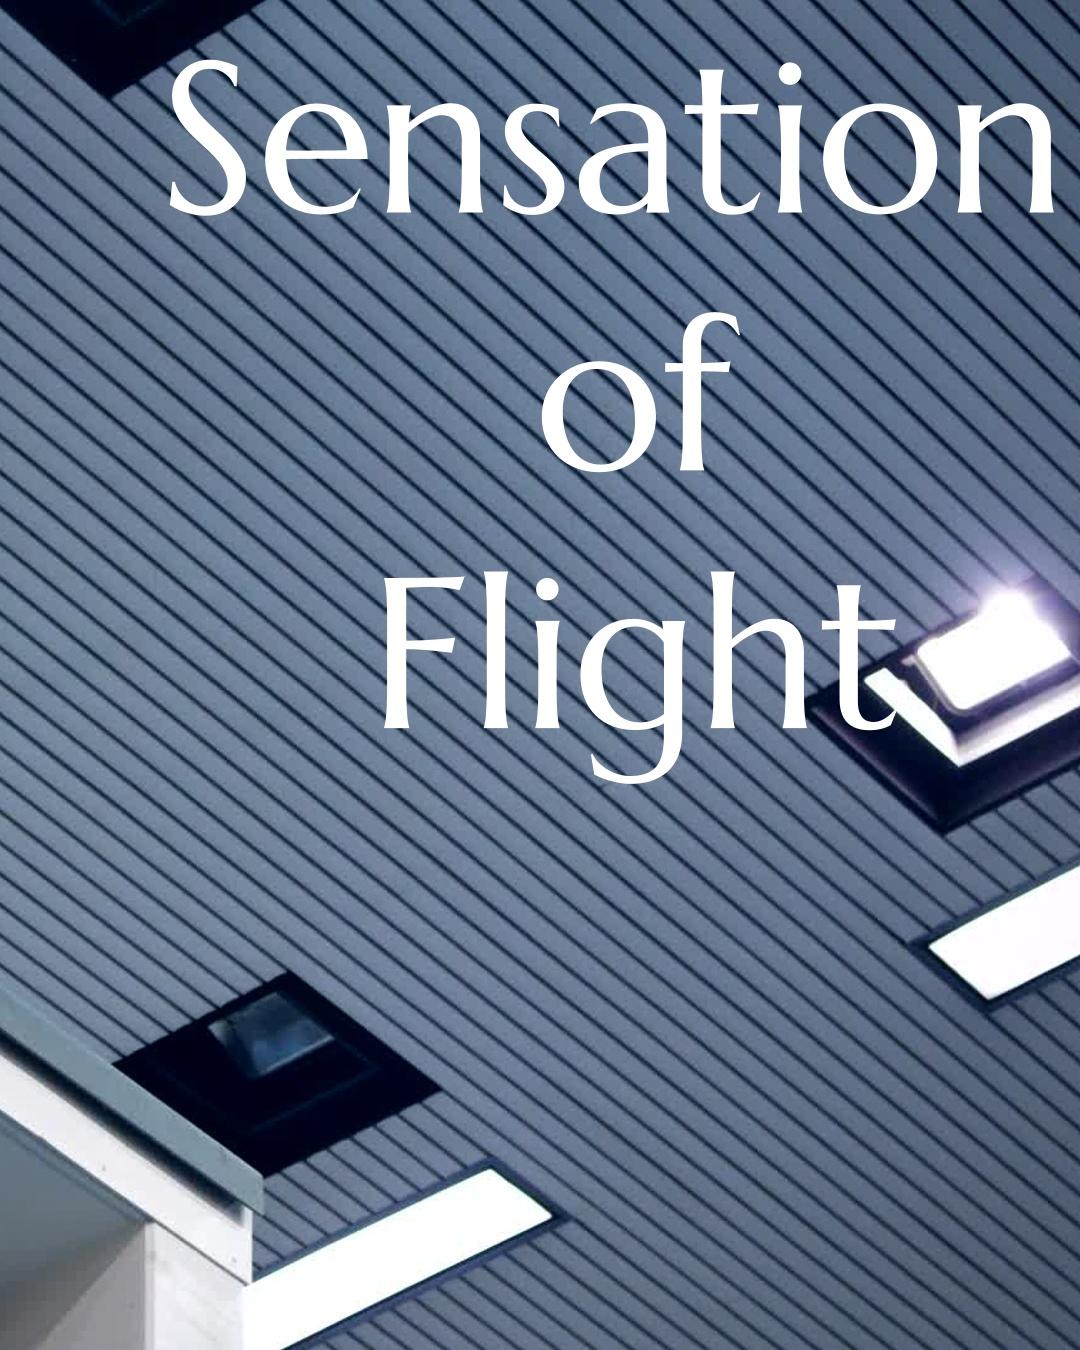 The sensation of flight